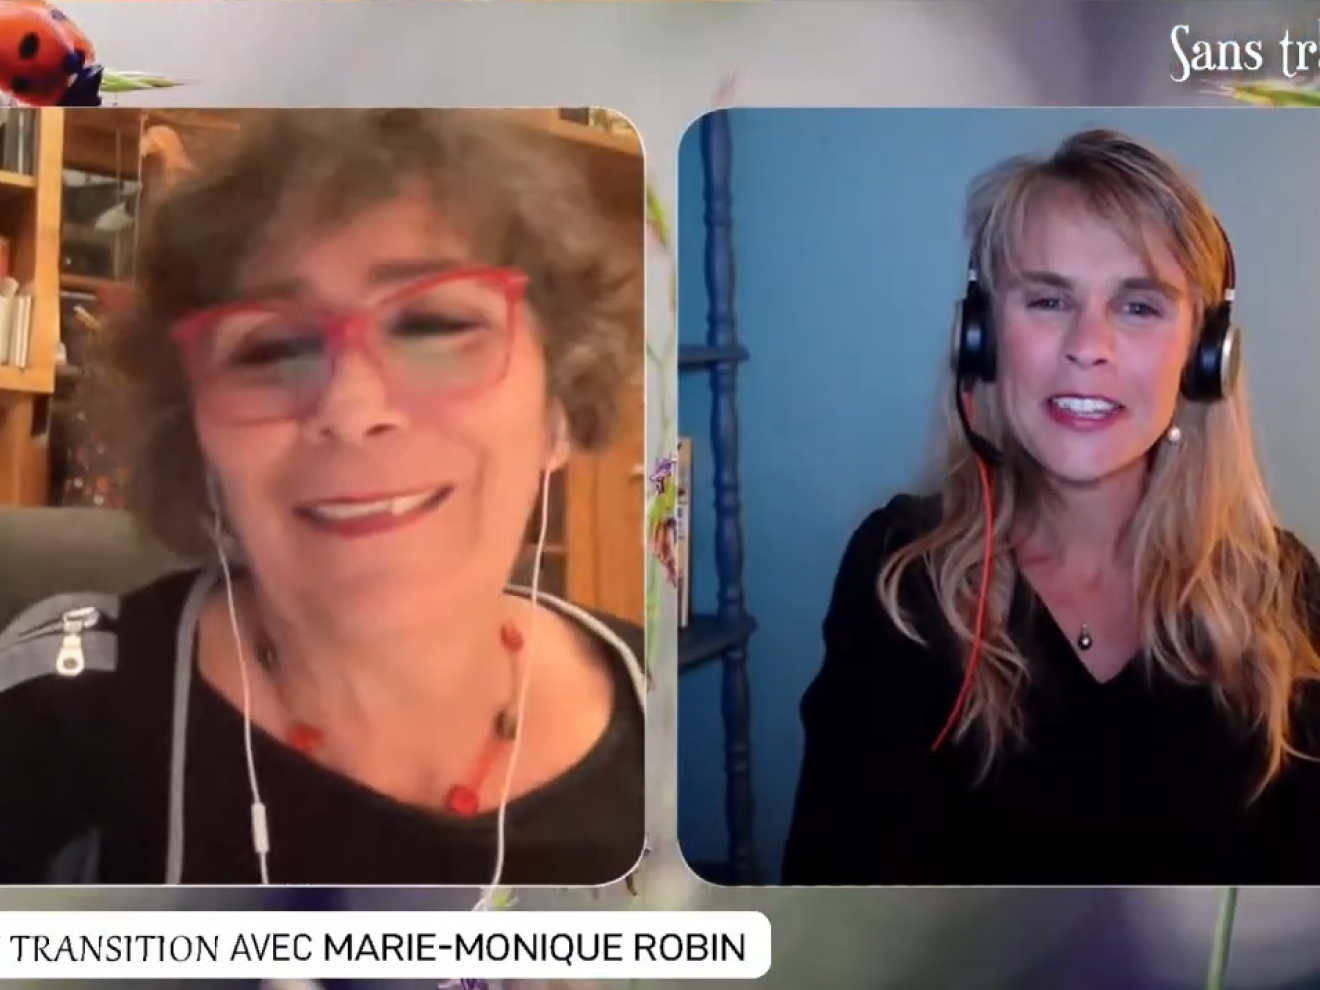 Voyage en transition Marie-Monique Robin